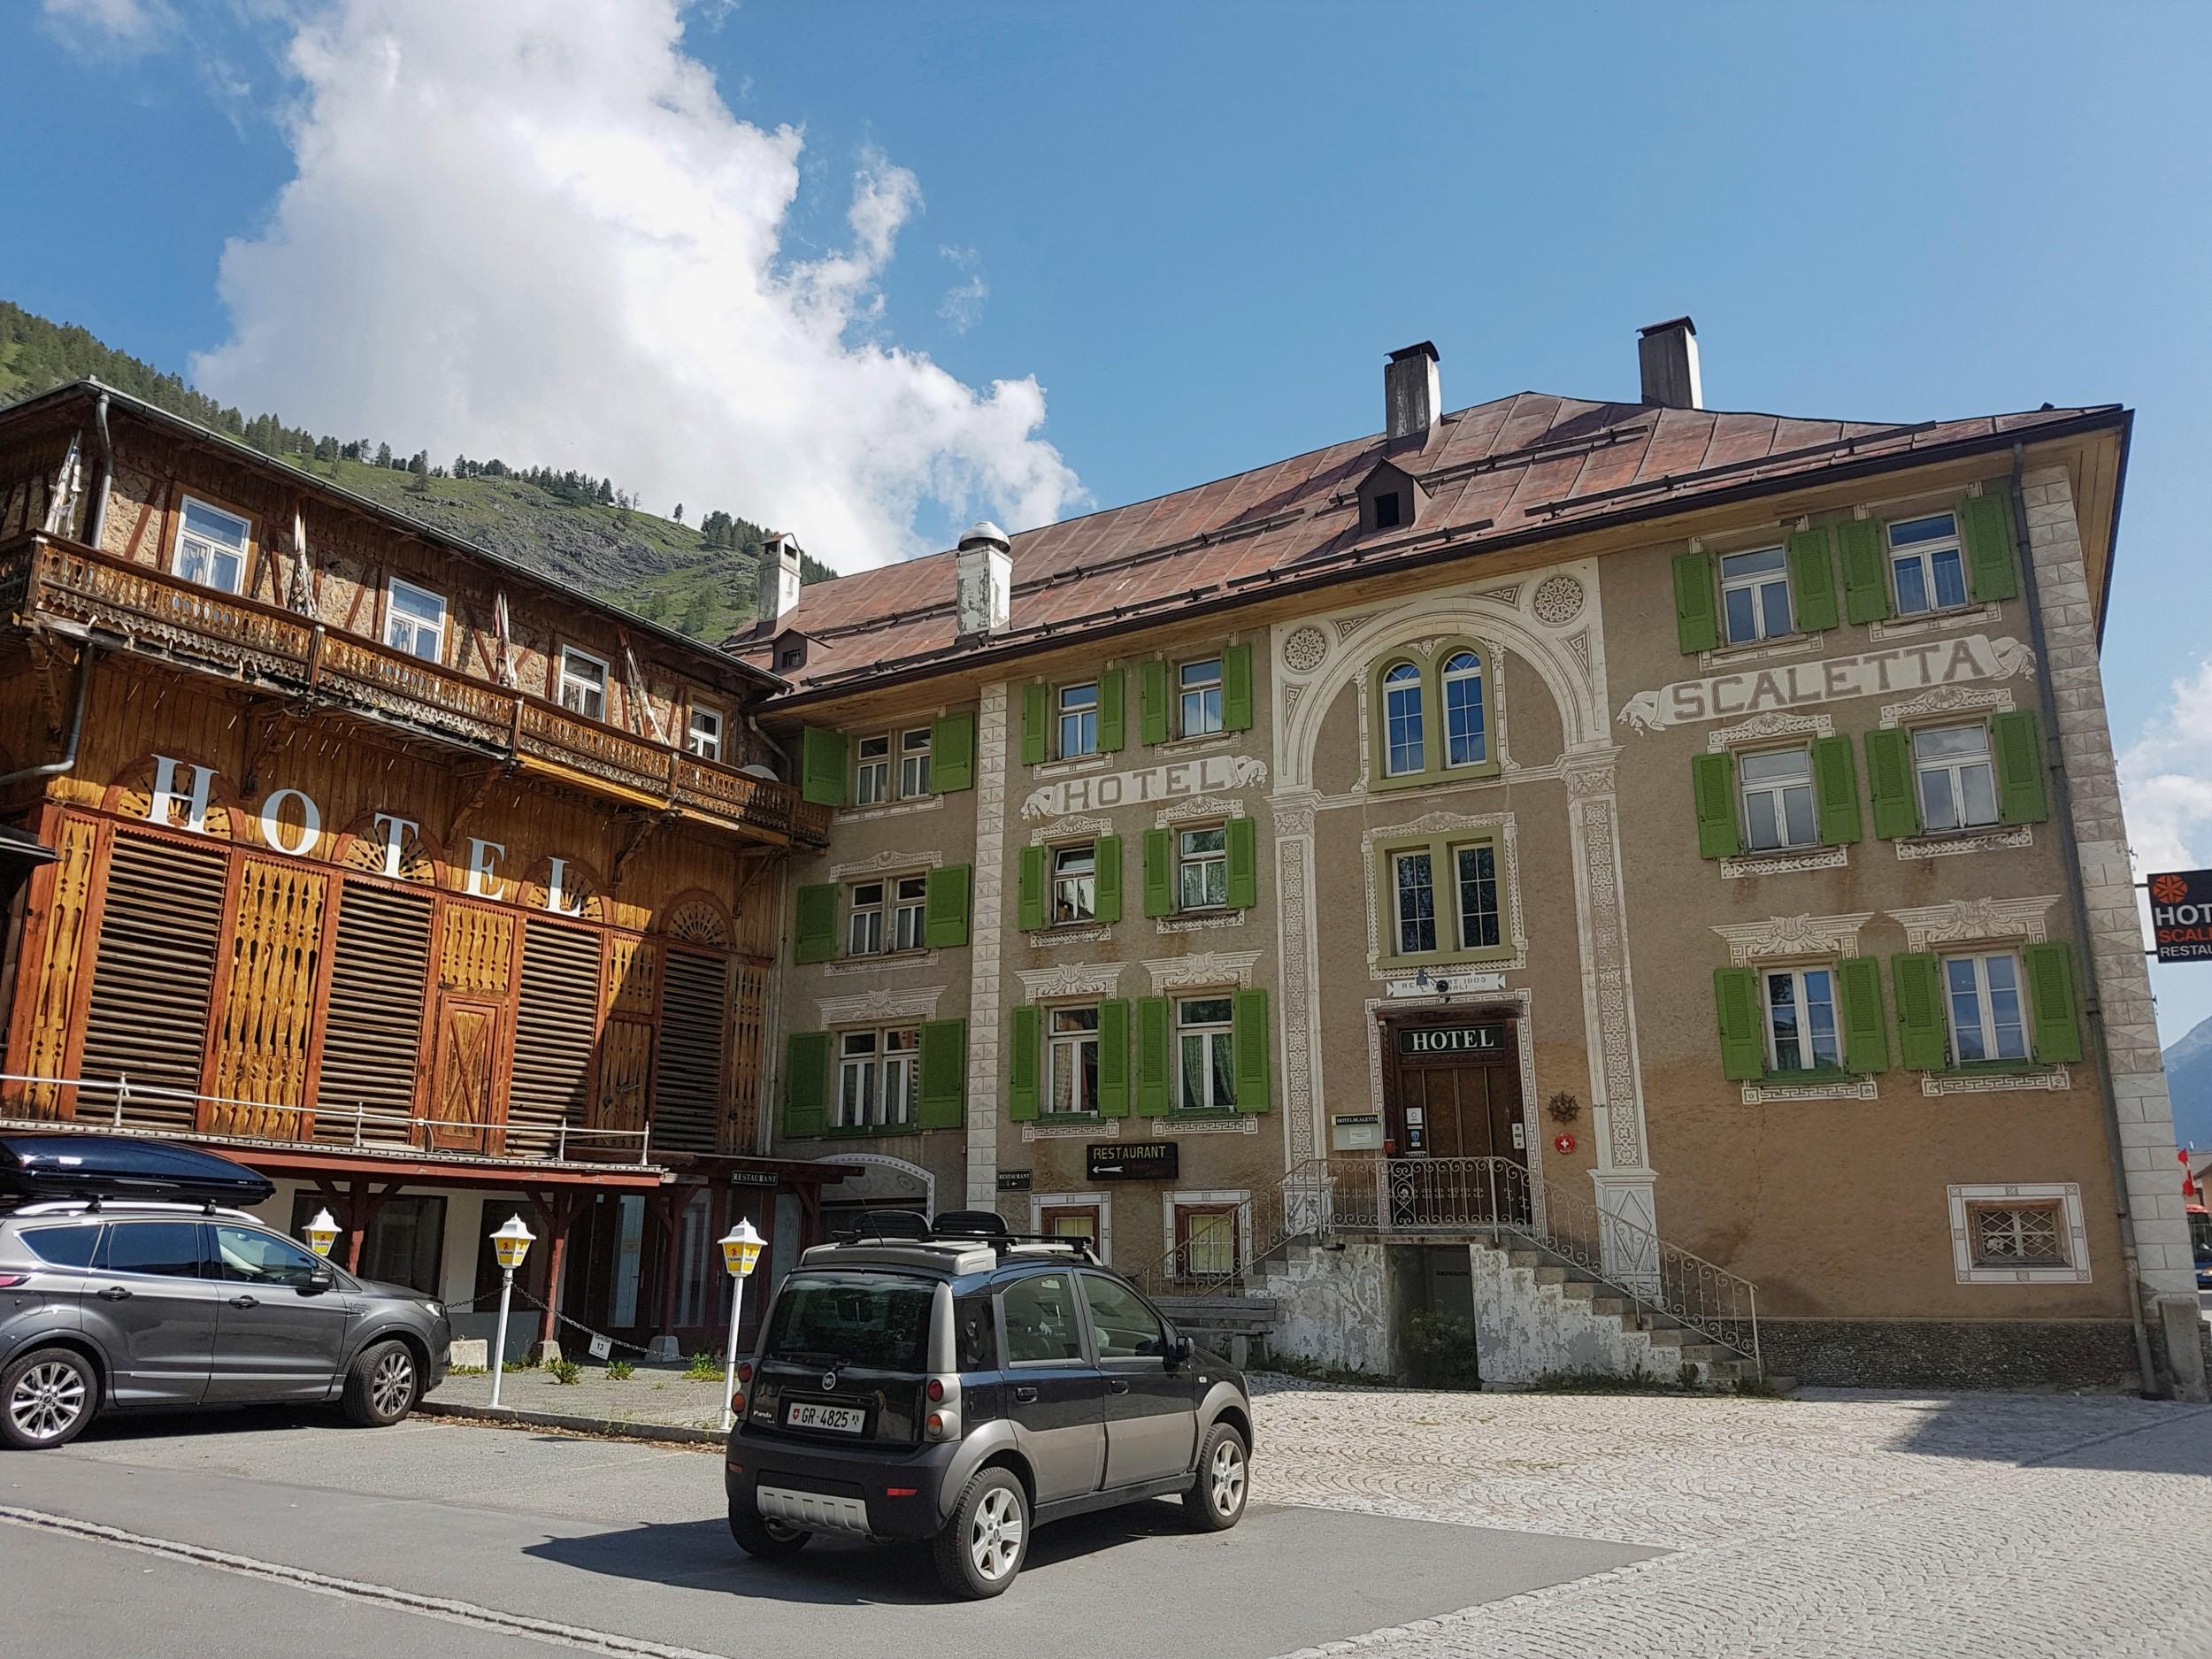 Sanierung Hotel Scaletta, S-chanf